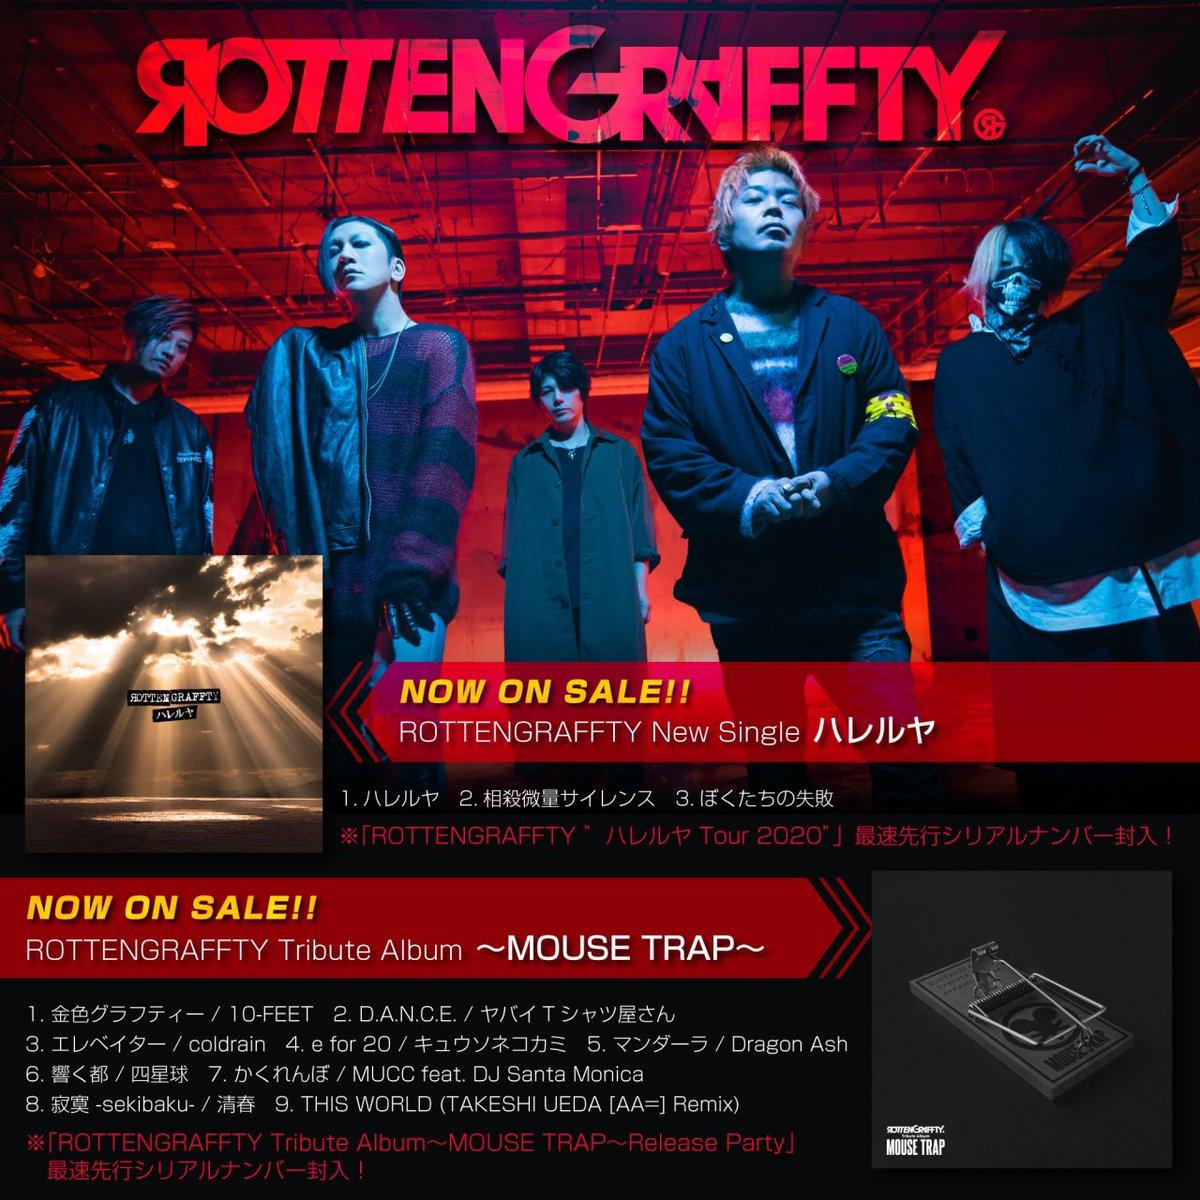 """ROTTENGRAFFTYリリース情報  New Single """"ハレルヤ"""" 発売中 https://t.co/WKcKoc2Iez  Tribute Album """"MOUSE TRAP"""" 発売中 https://t.co/jVX4o0zN0b  Best Album """"You are ROTTENGRAFFTY"""" 3/18発売決定  ROTTENGRAFFTY in 東寺 映像化決定 初夏 https://t.co/EL3MYwedE7"""